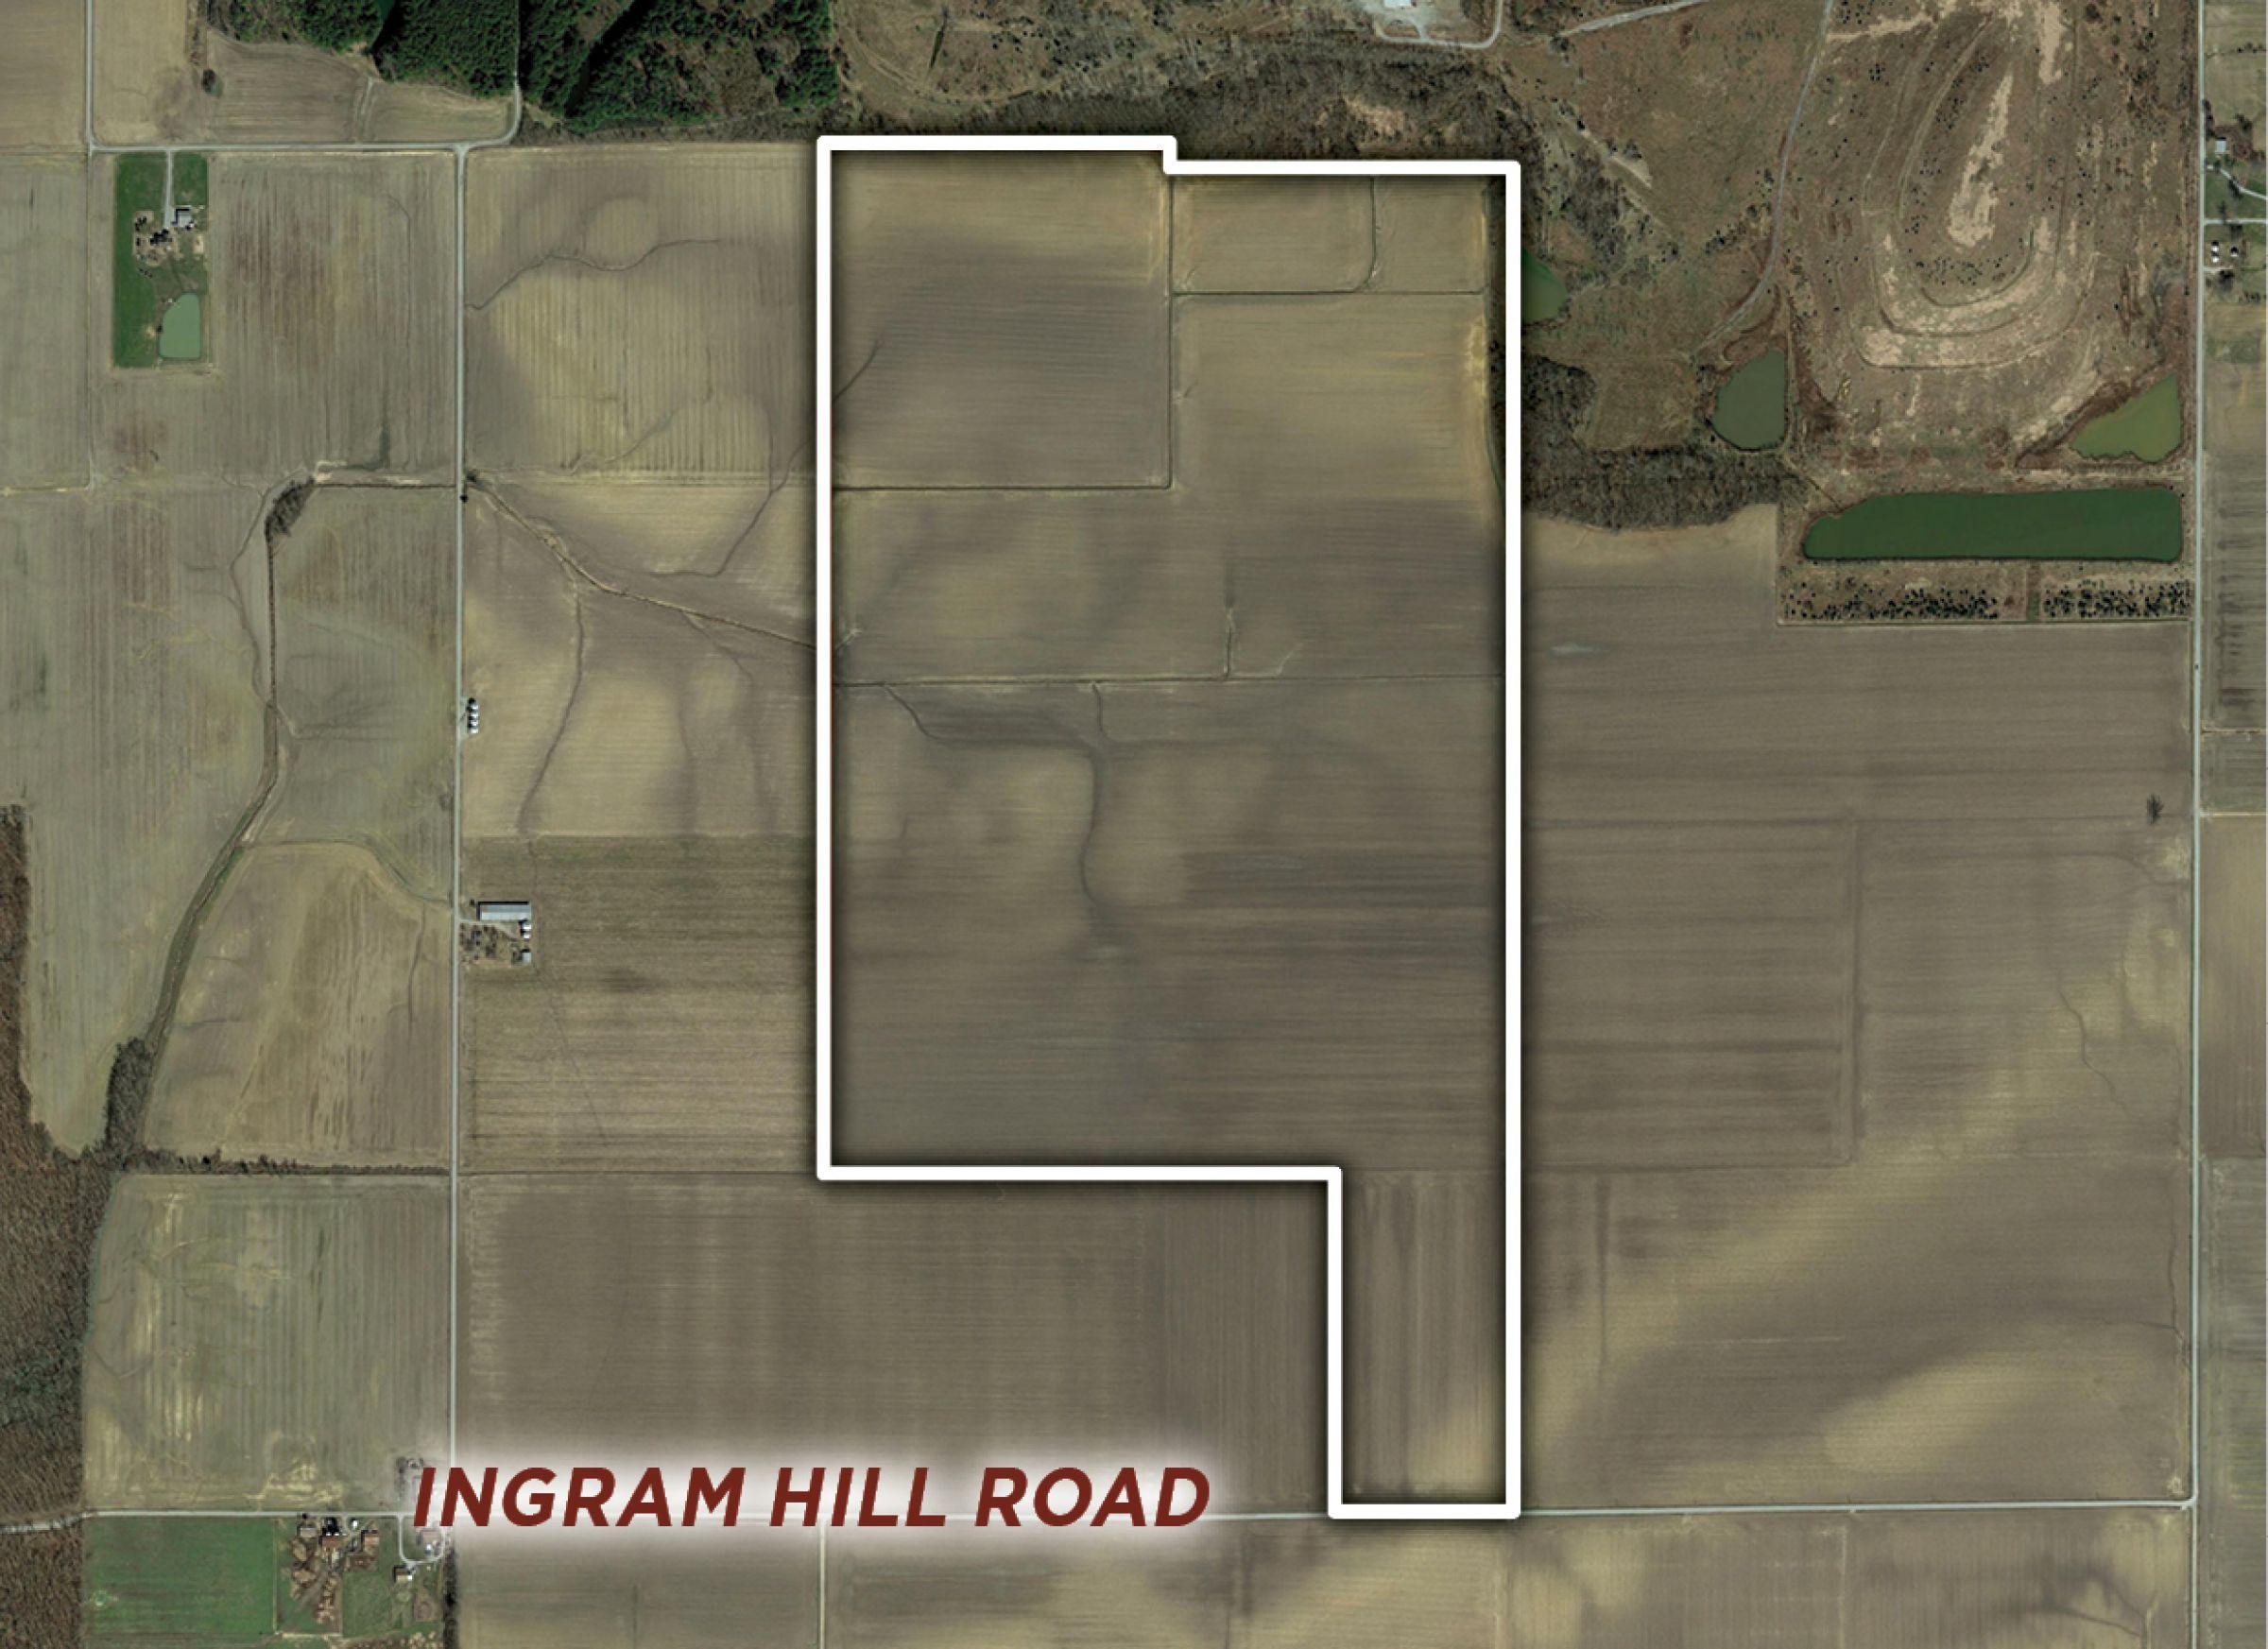 4-ingram-hill-road-harrisburg-62946-2-2020-10-15-152456.jpg